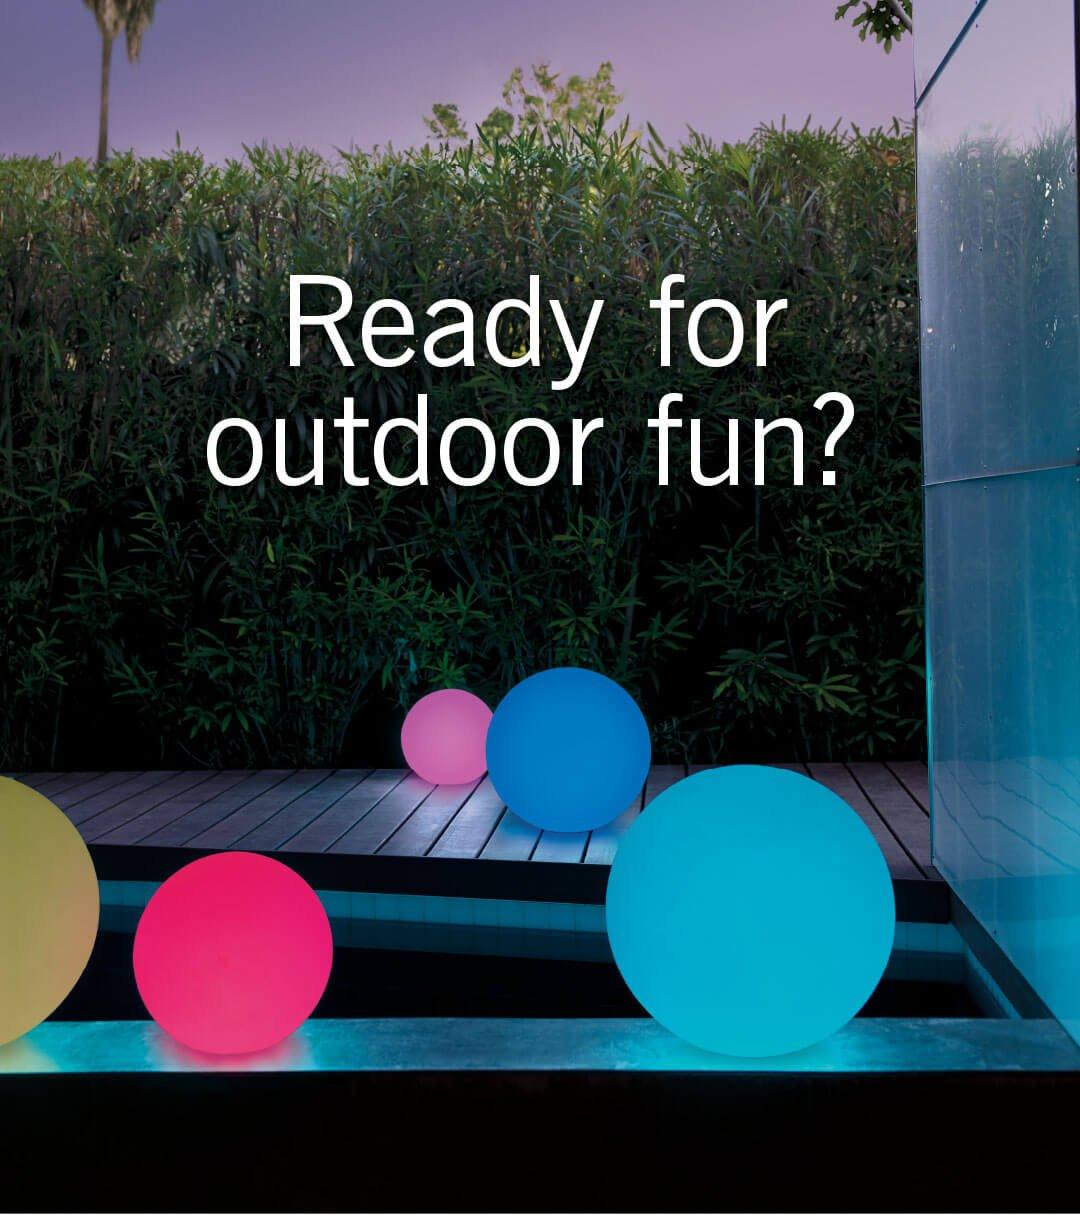 Ready for outdoor fun